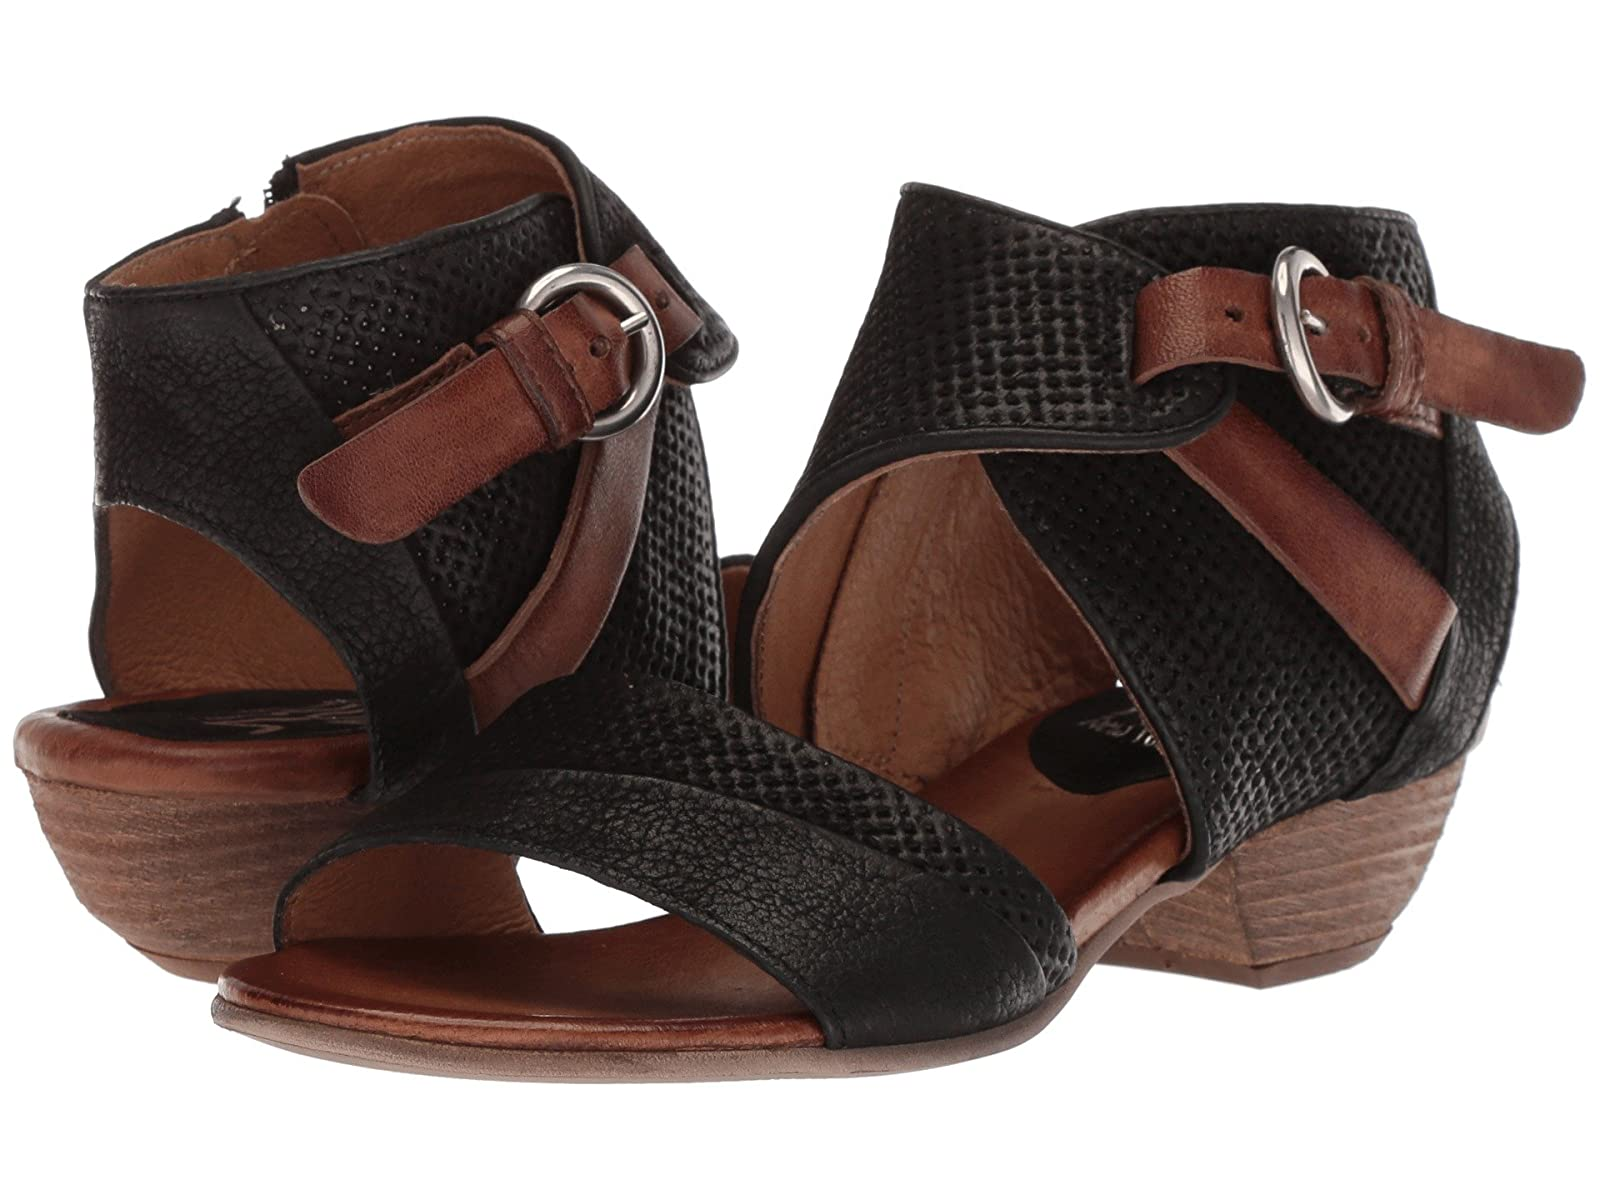 Miz Mooz ChathamAtmospheric grades have affordable shoes